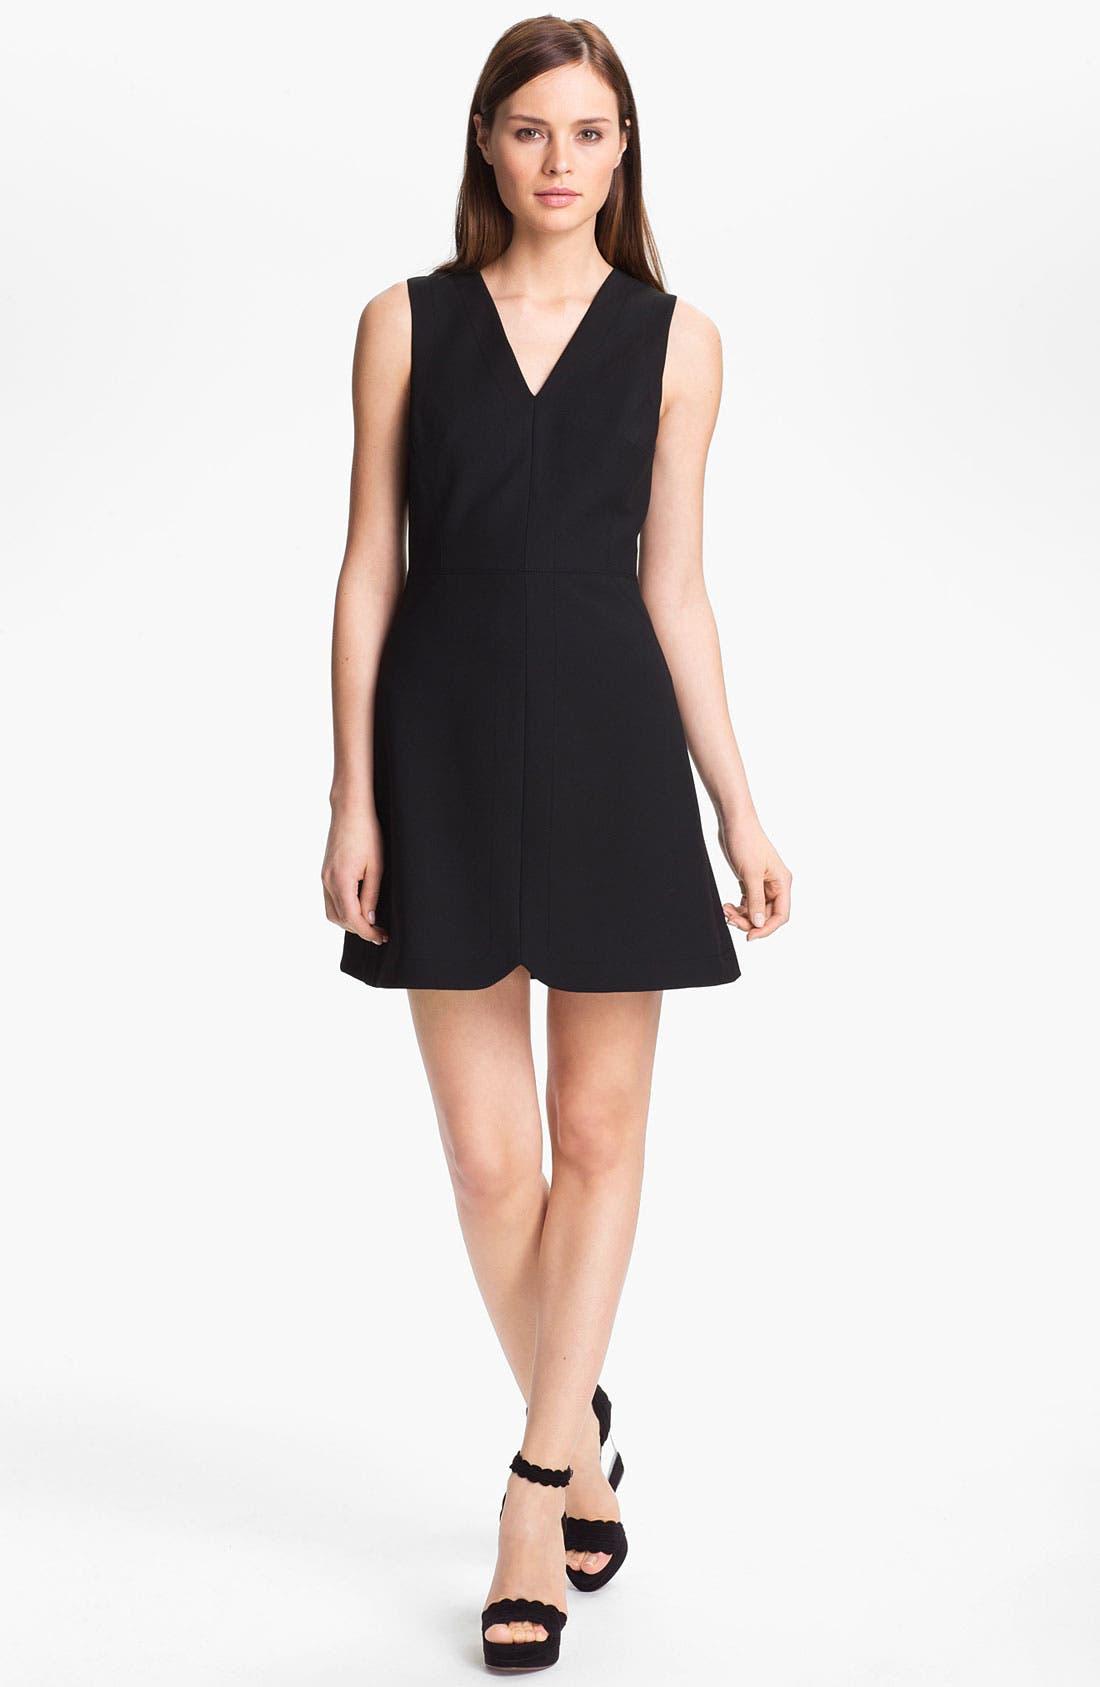 Main Image - Tibi Sleeveless Stretch Knit Dress